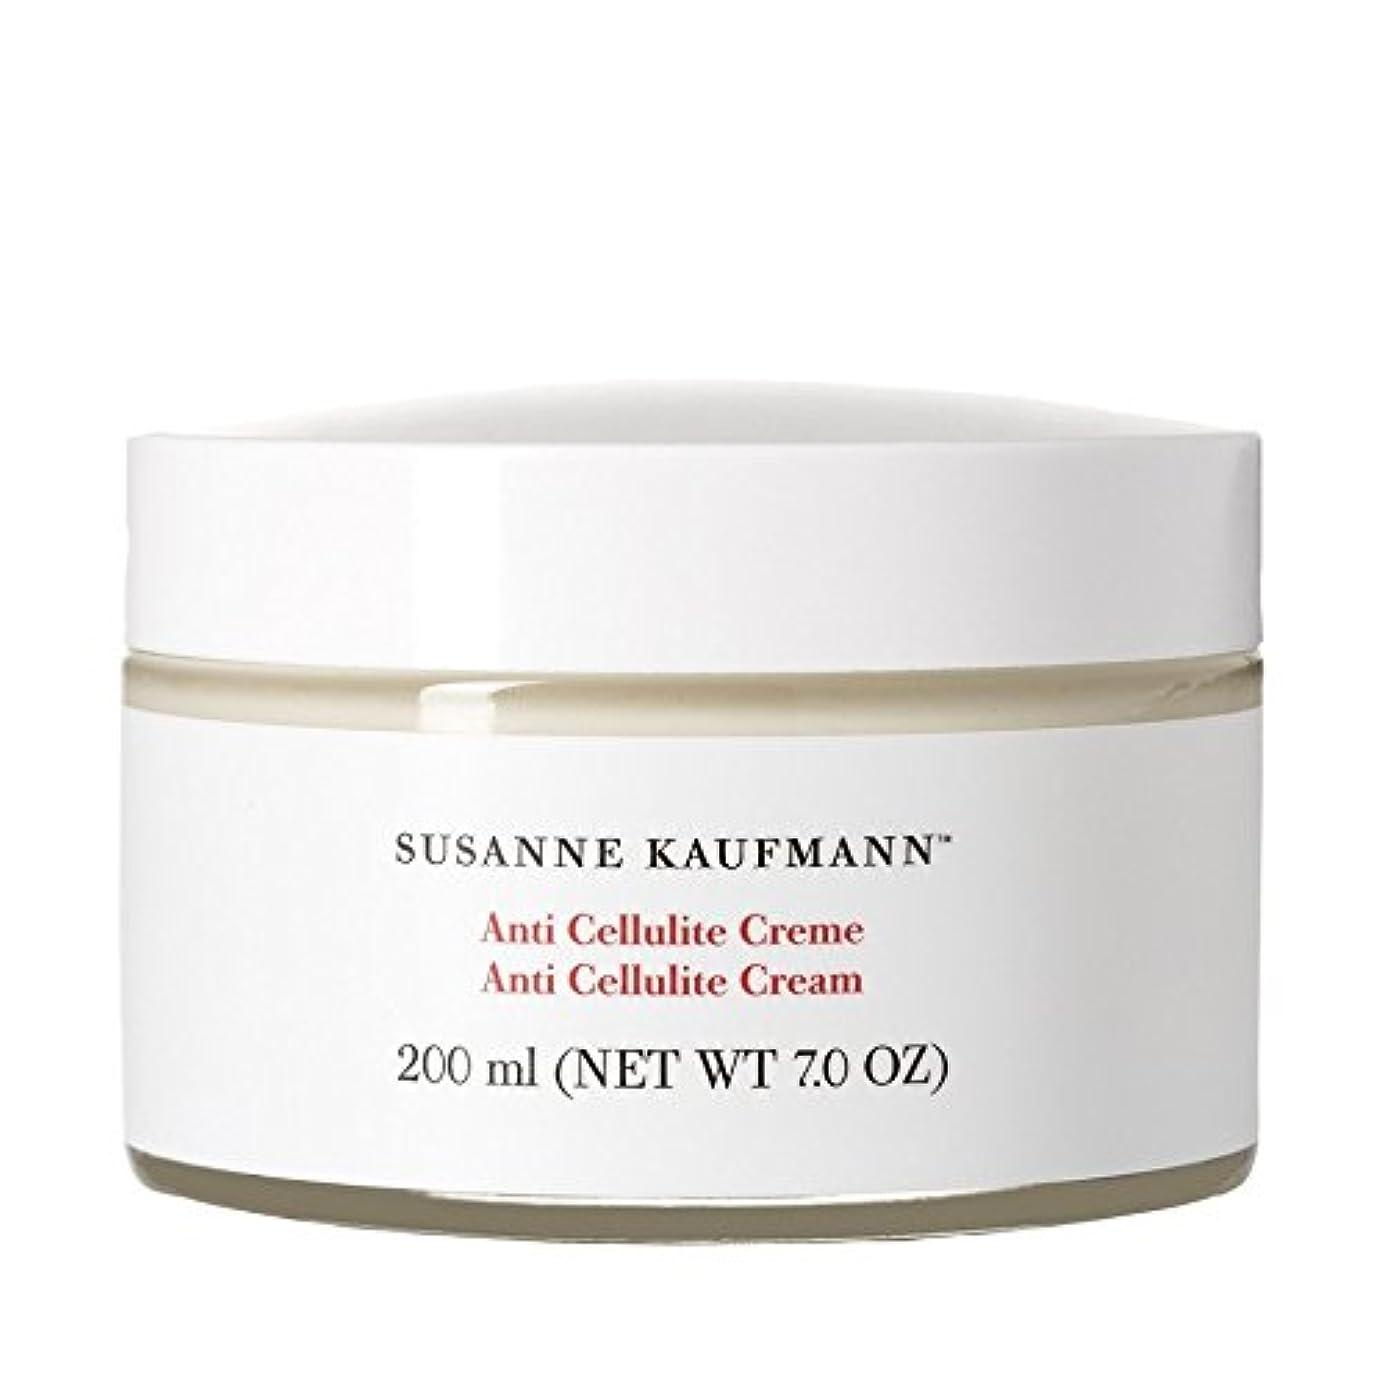 非公式時々クモスザンヌカウフマン抗セルライトクリーム200ミリリットル x4 - Susanne Kaufmann Anti Cellulite Cream 200ml (Pack of 4) [並行輸入品]